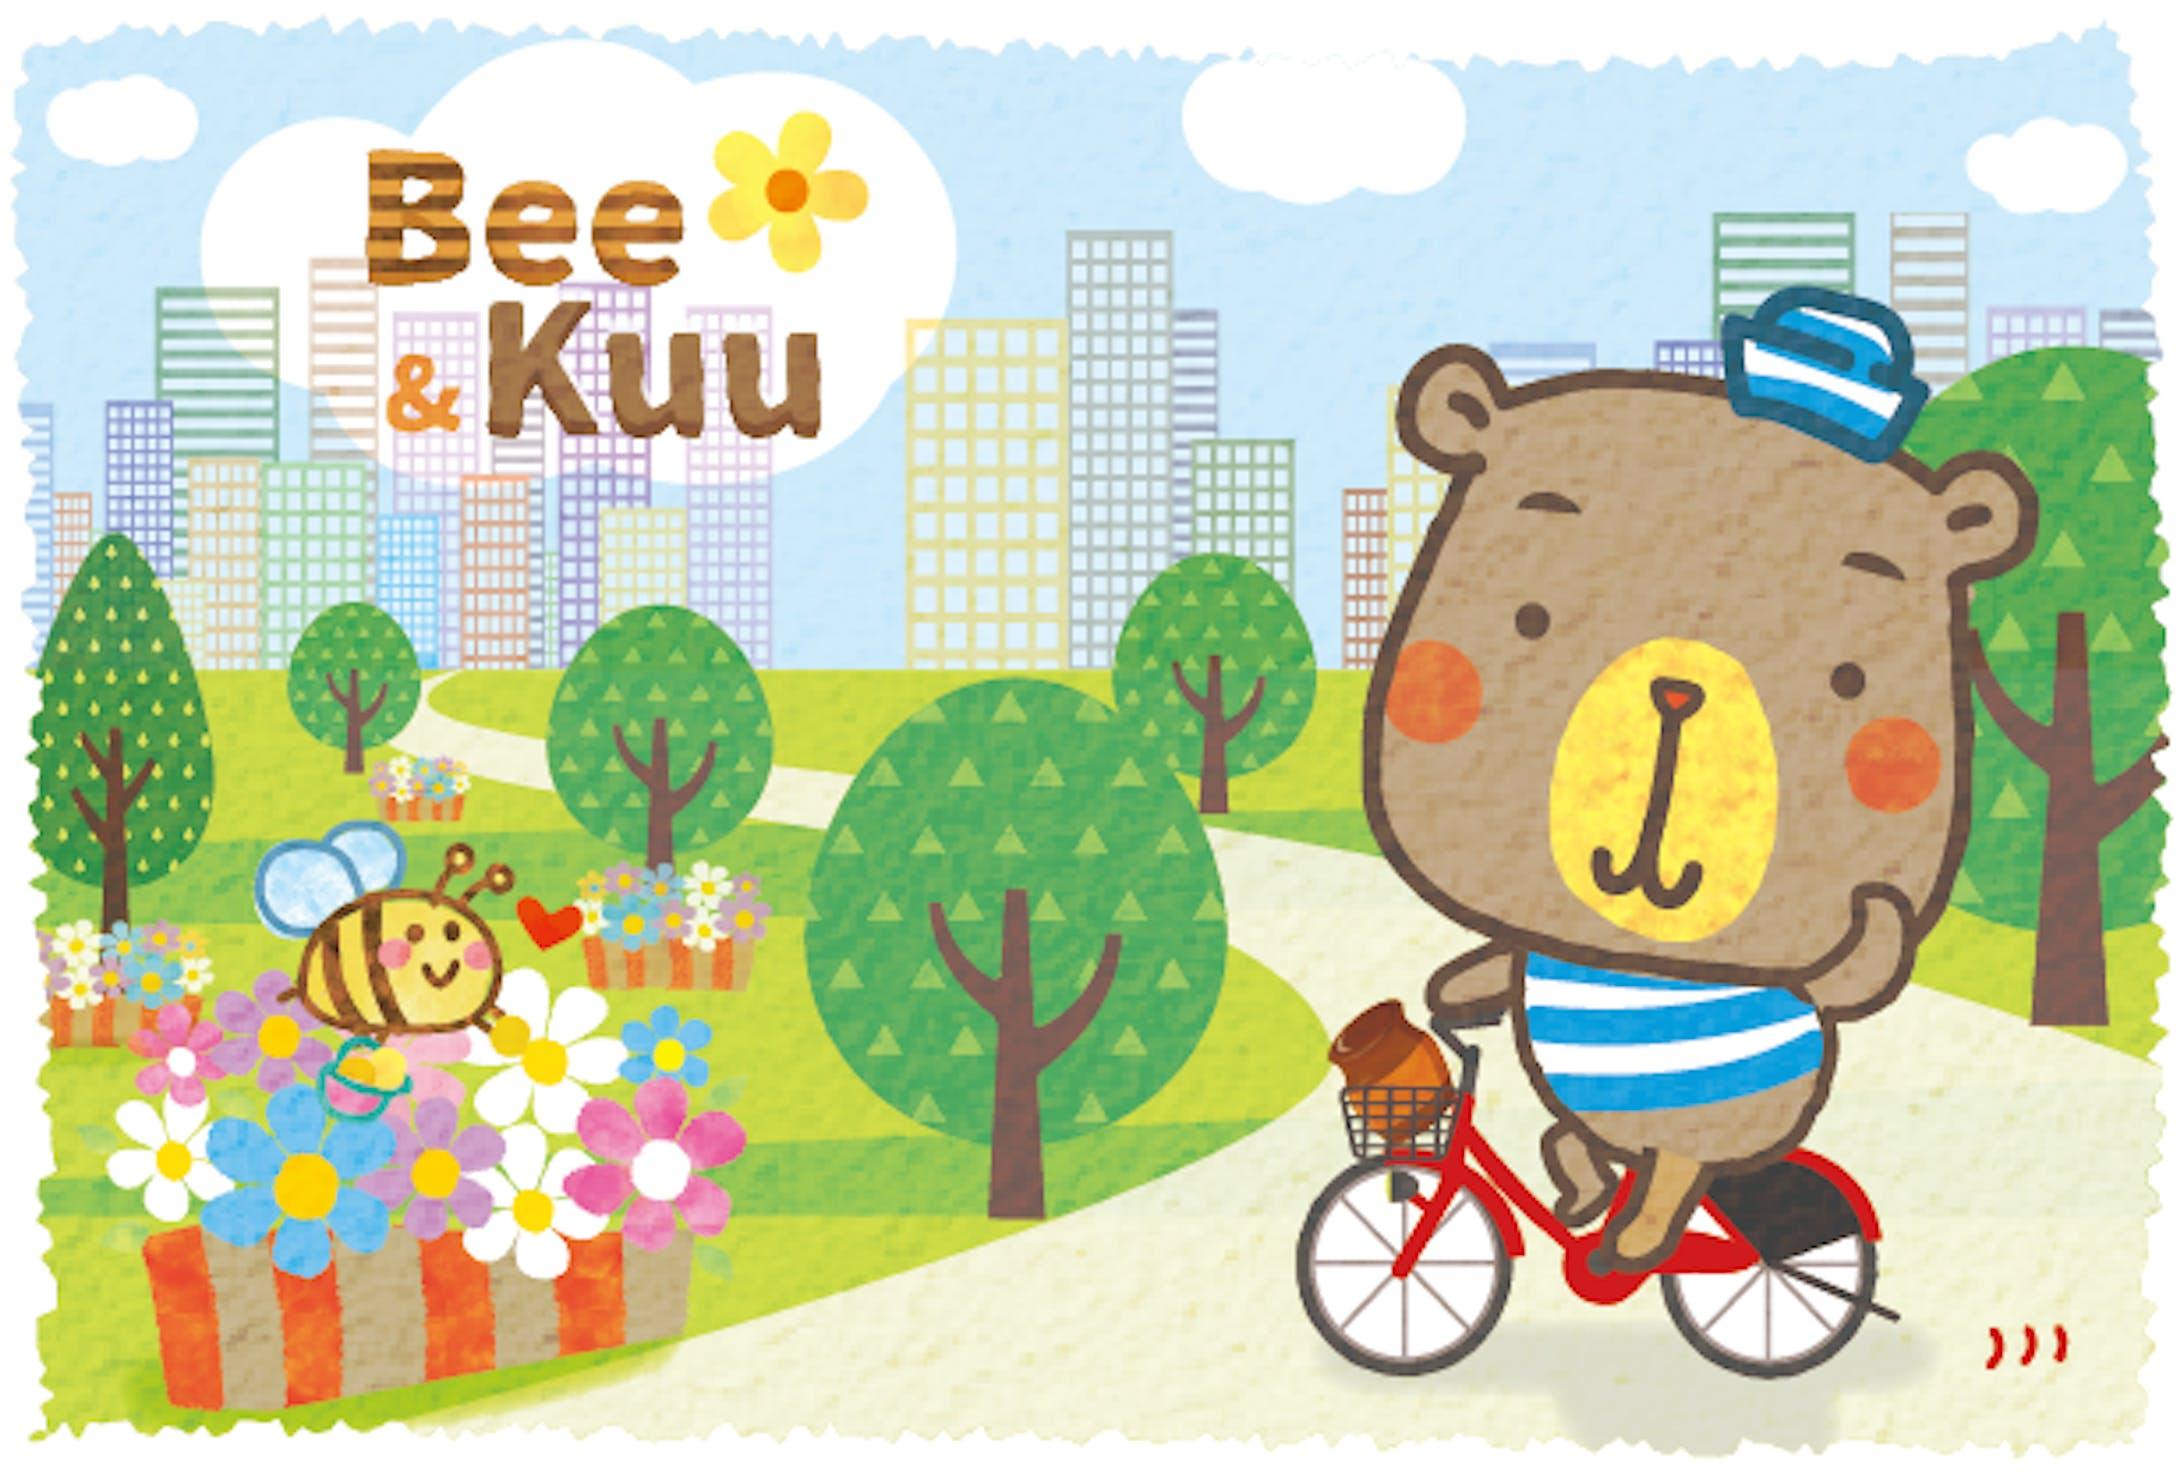 はちみつキャラクター Bee&Kuu-1